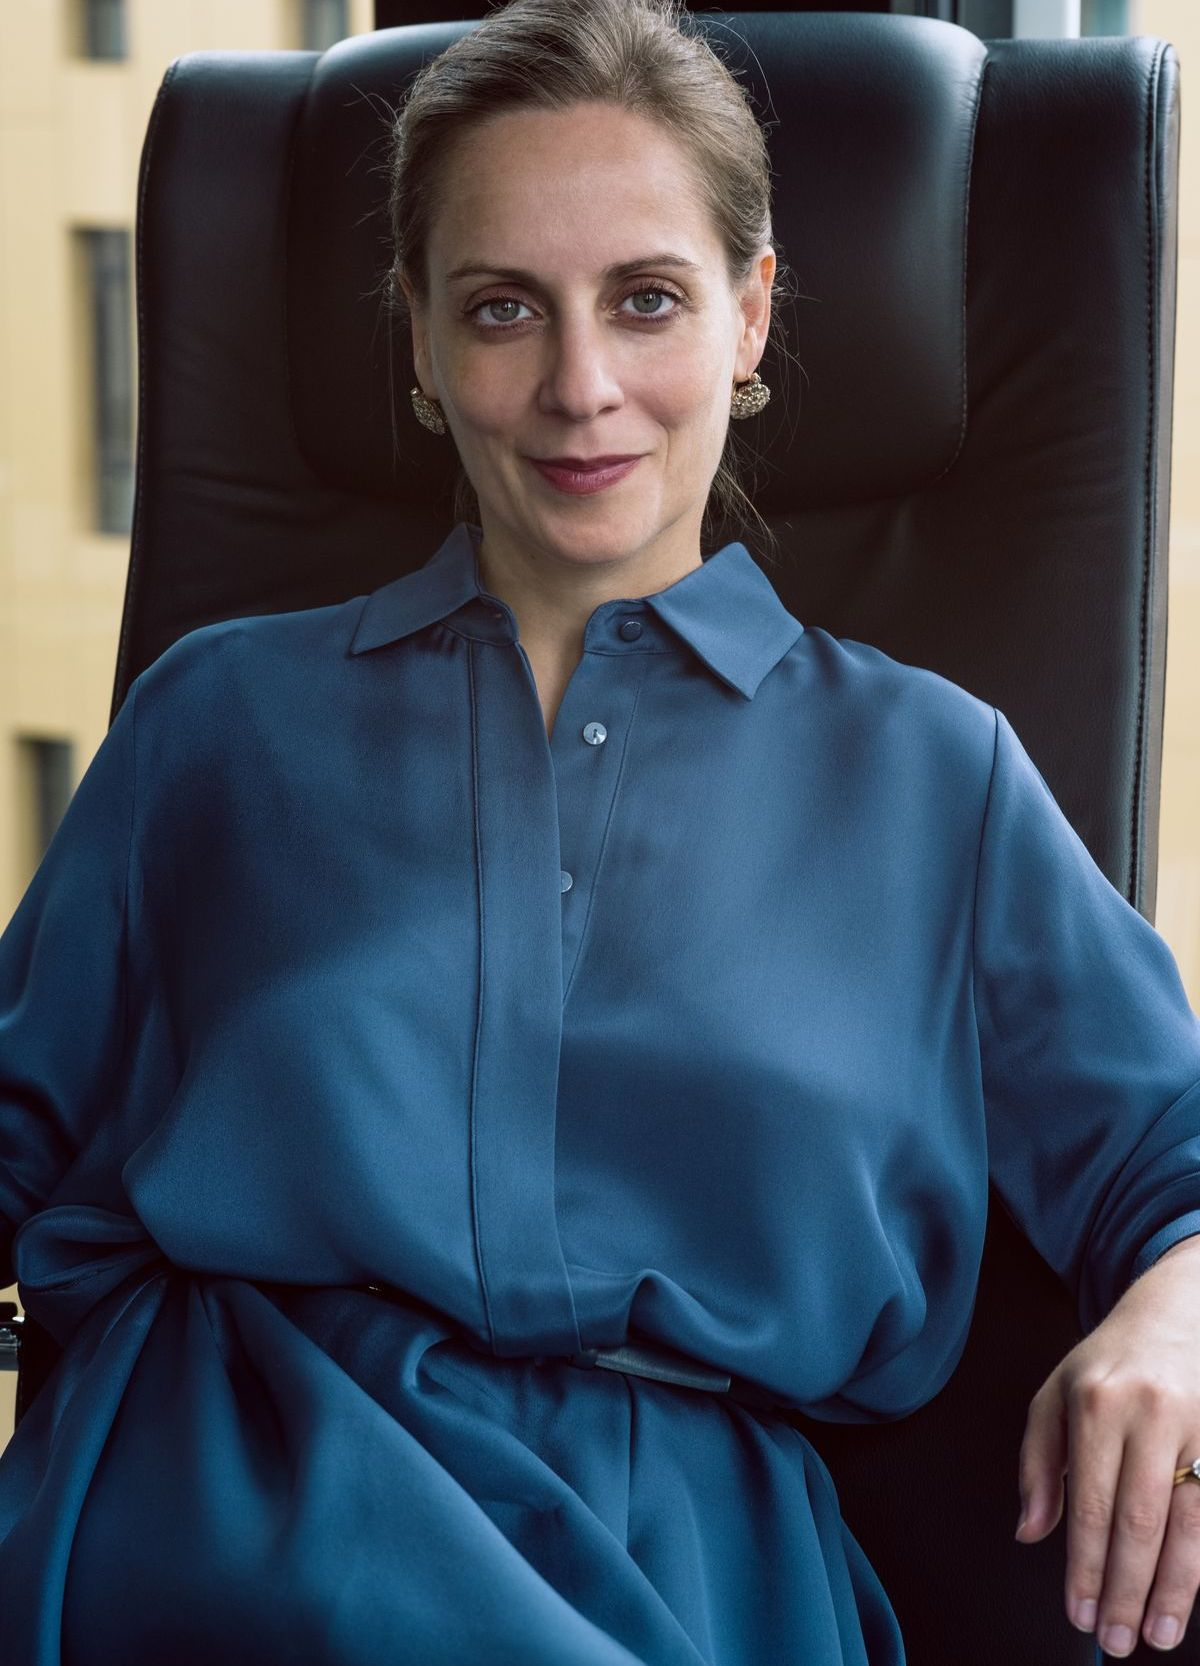 Maria Grazia Davino